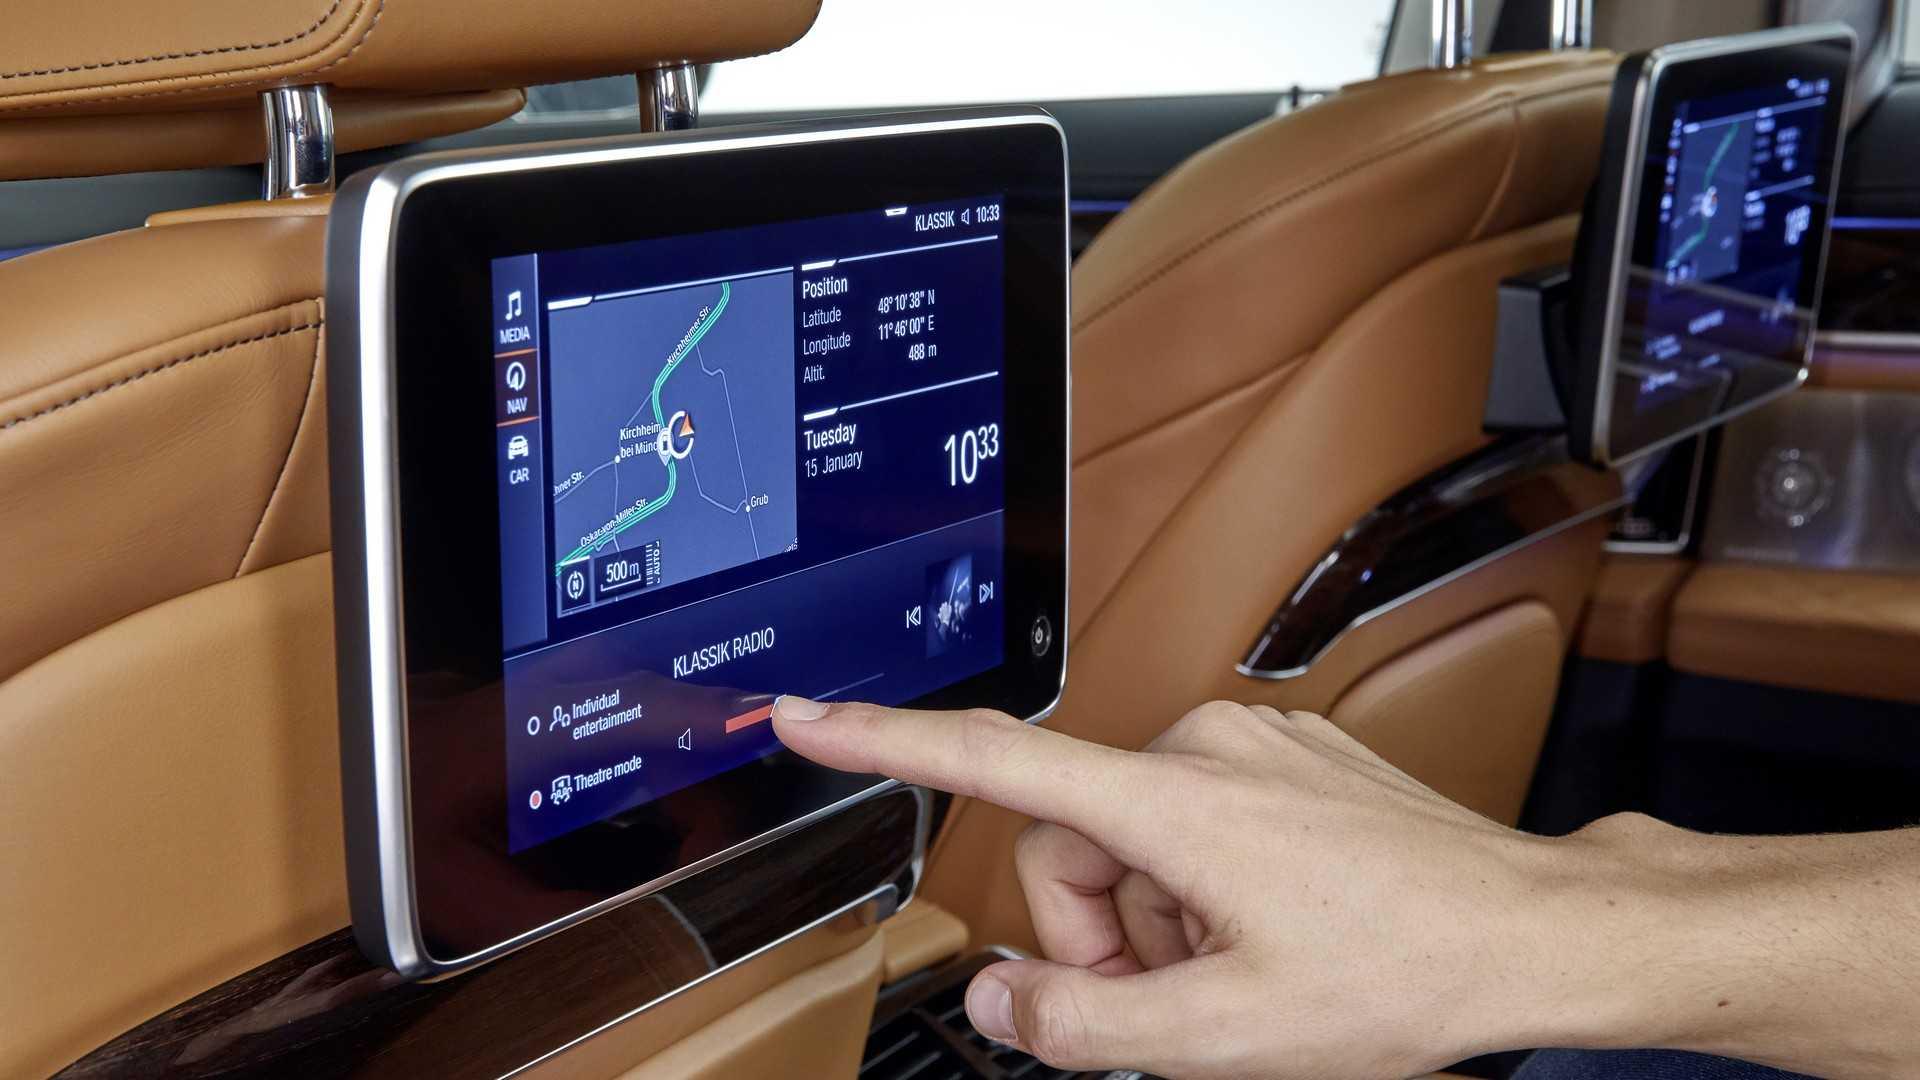 BMW 7 Series thế hệ mới sẽ có thêm bản chạy điện hoàn toàn - 30